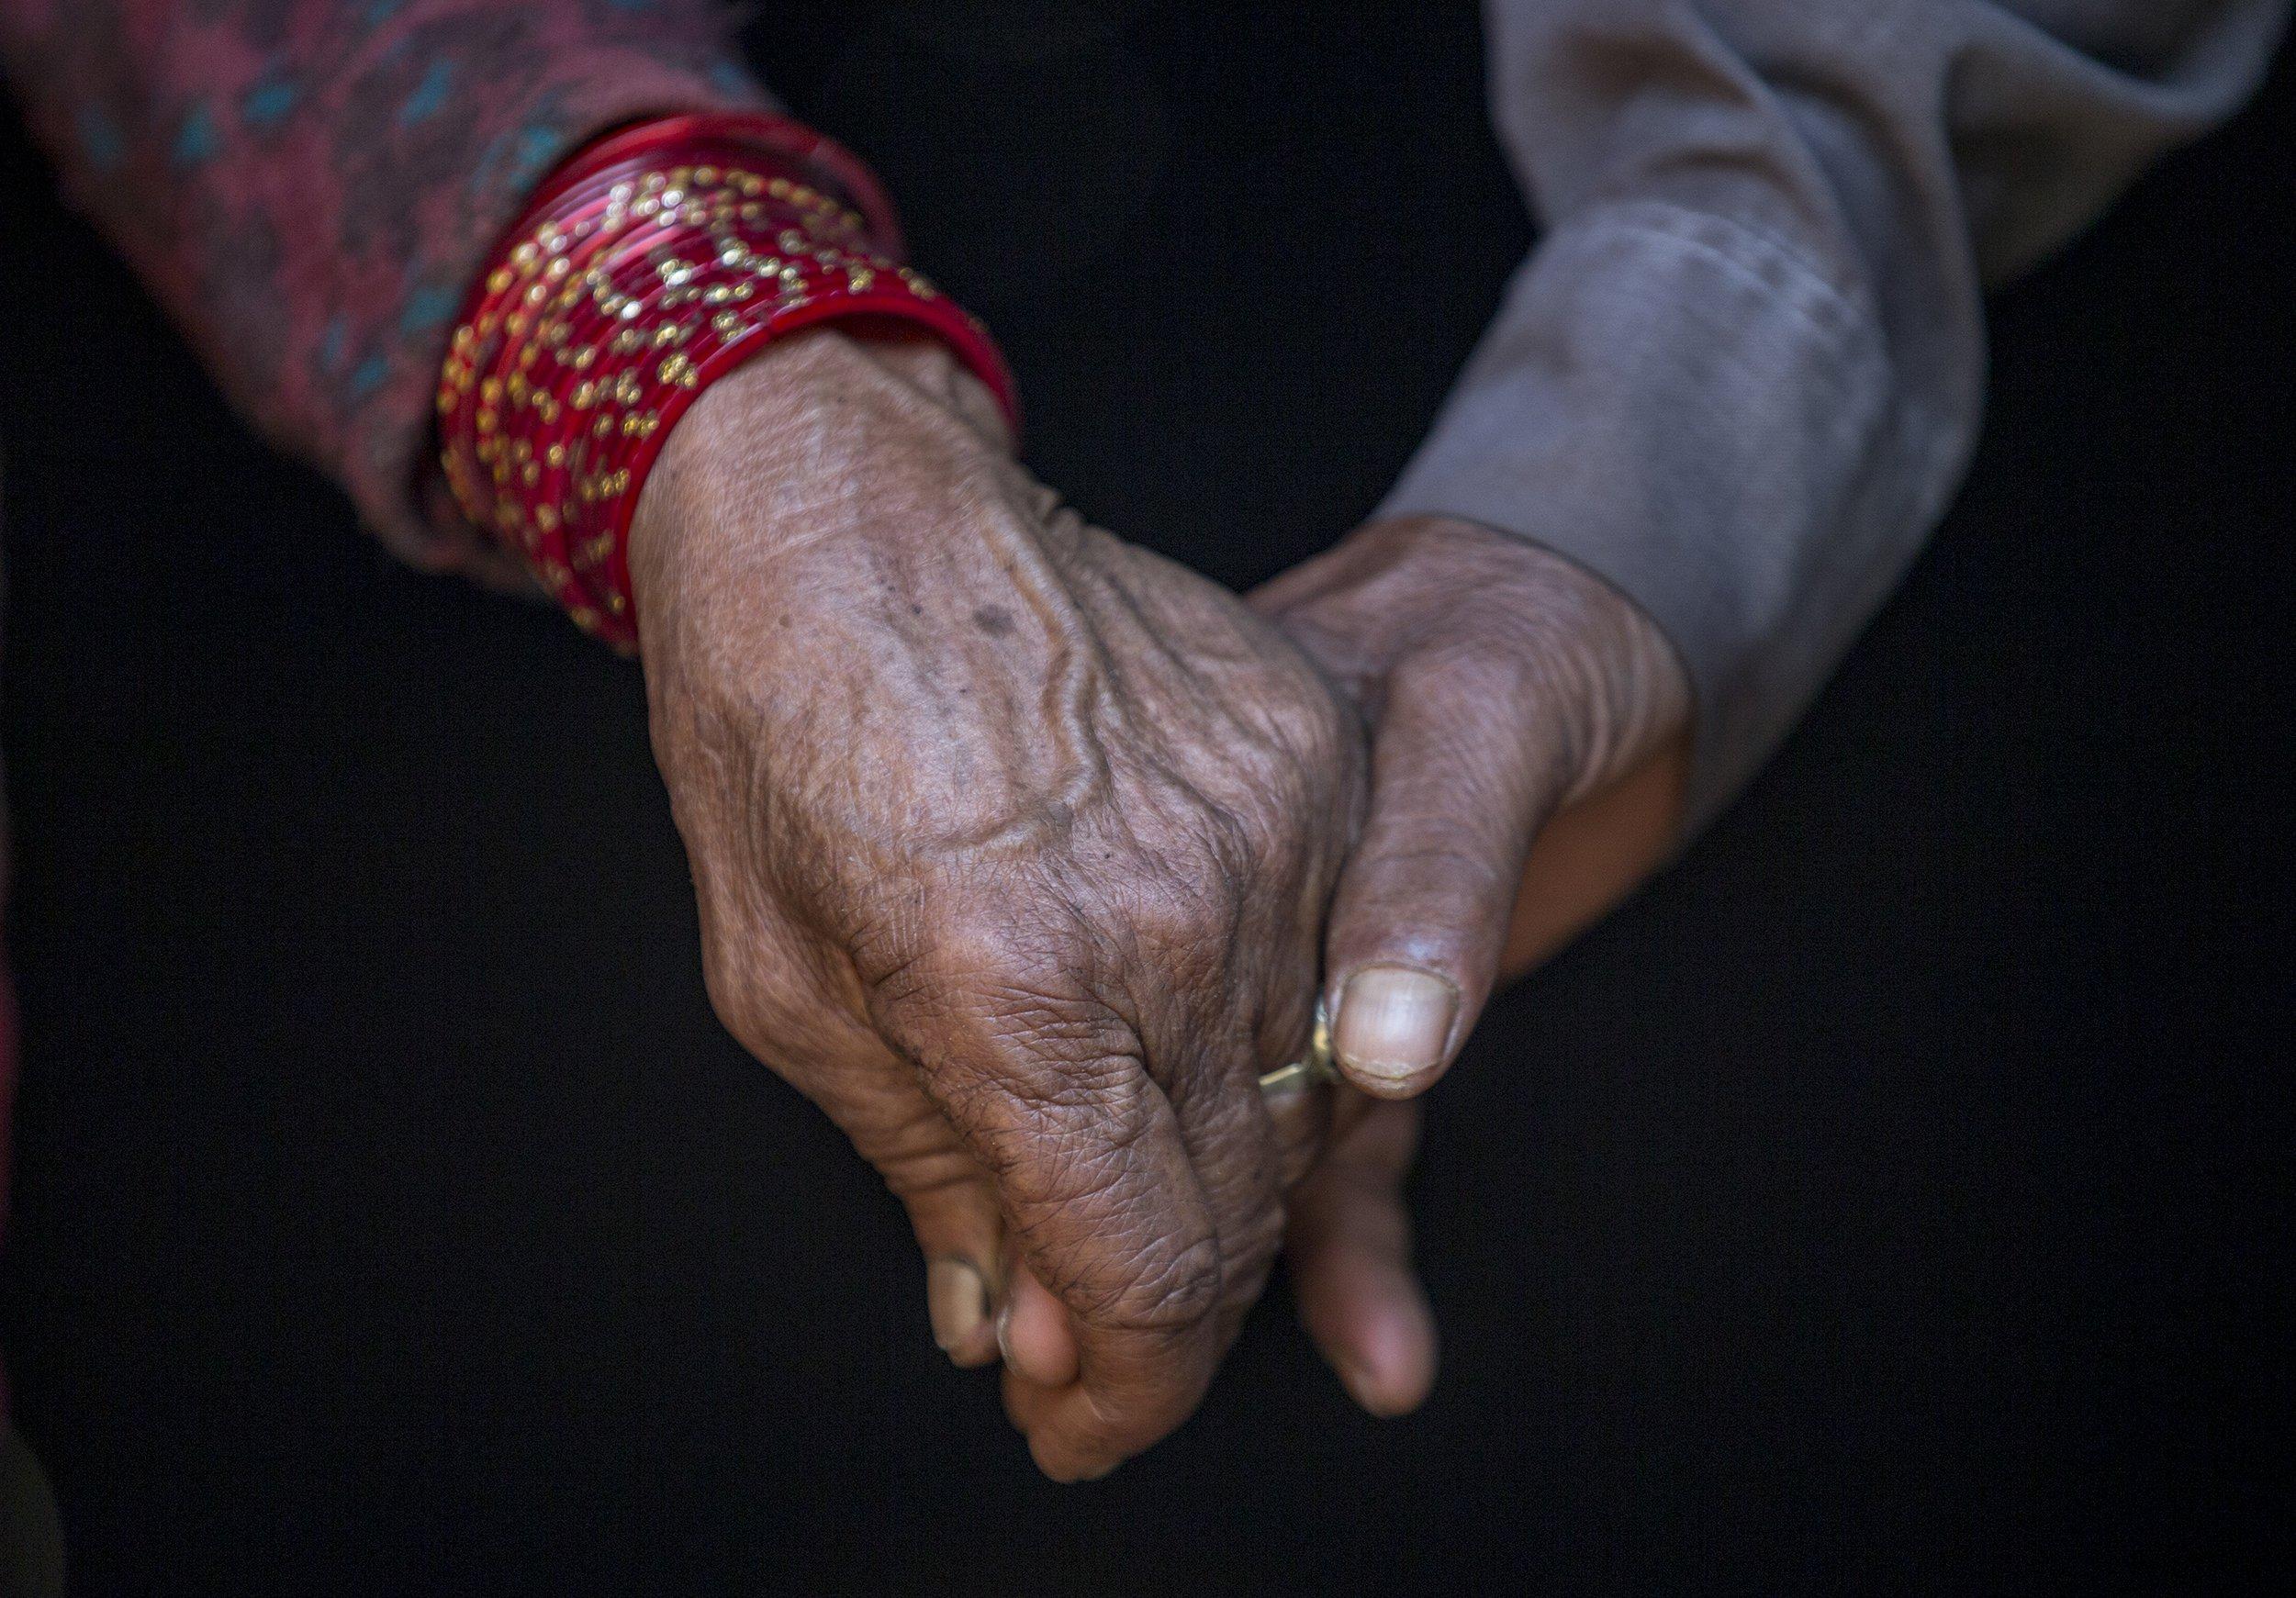 Credit: UN Women N. Shrestha CC BY-NC-ND 2.0